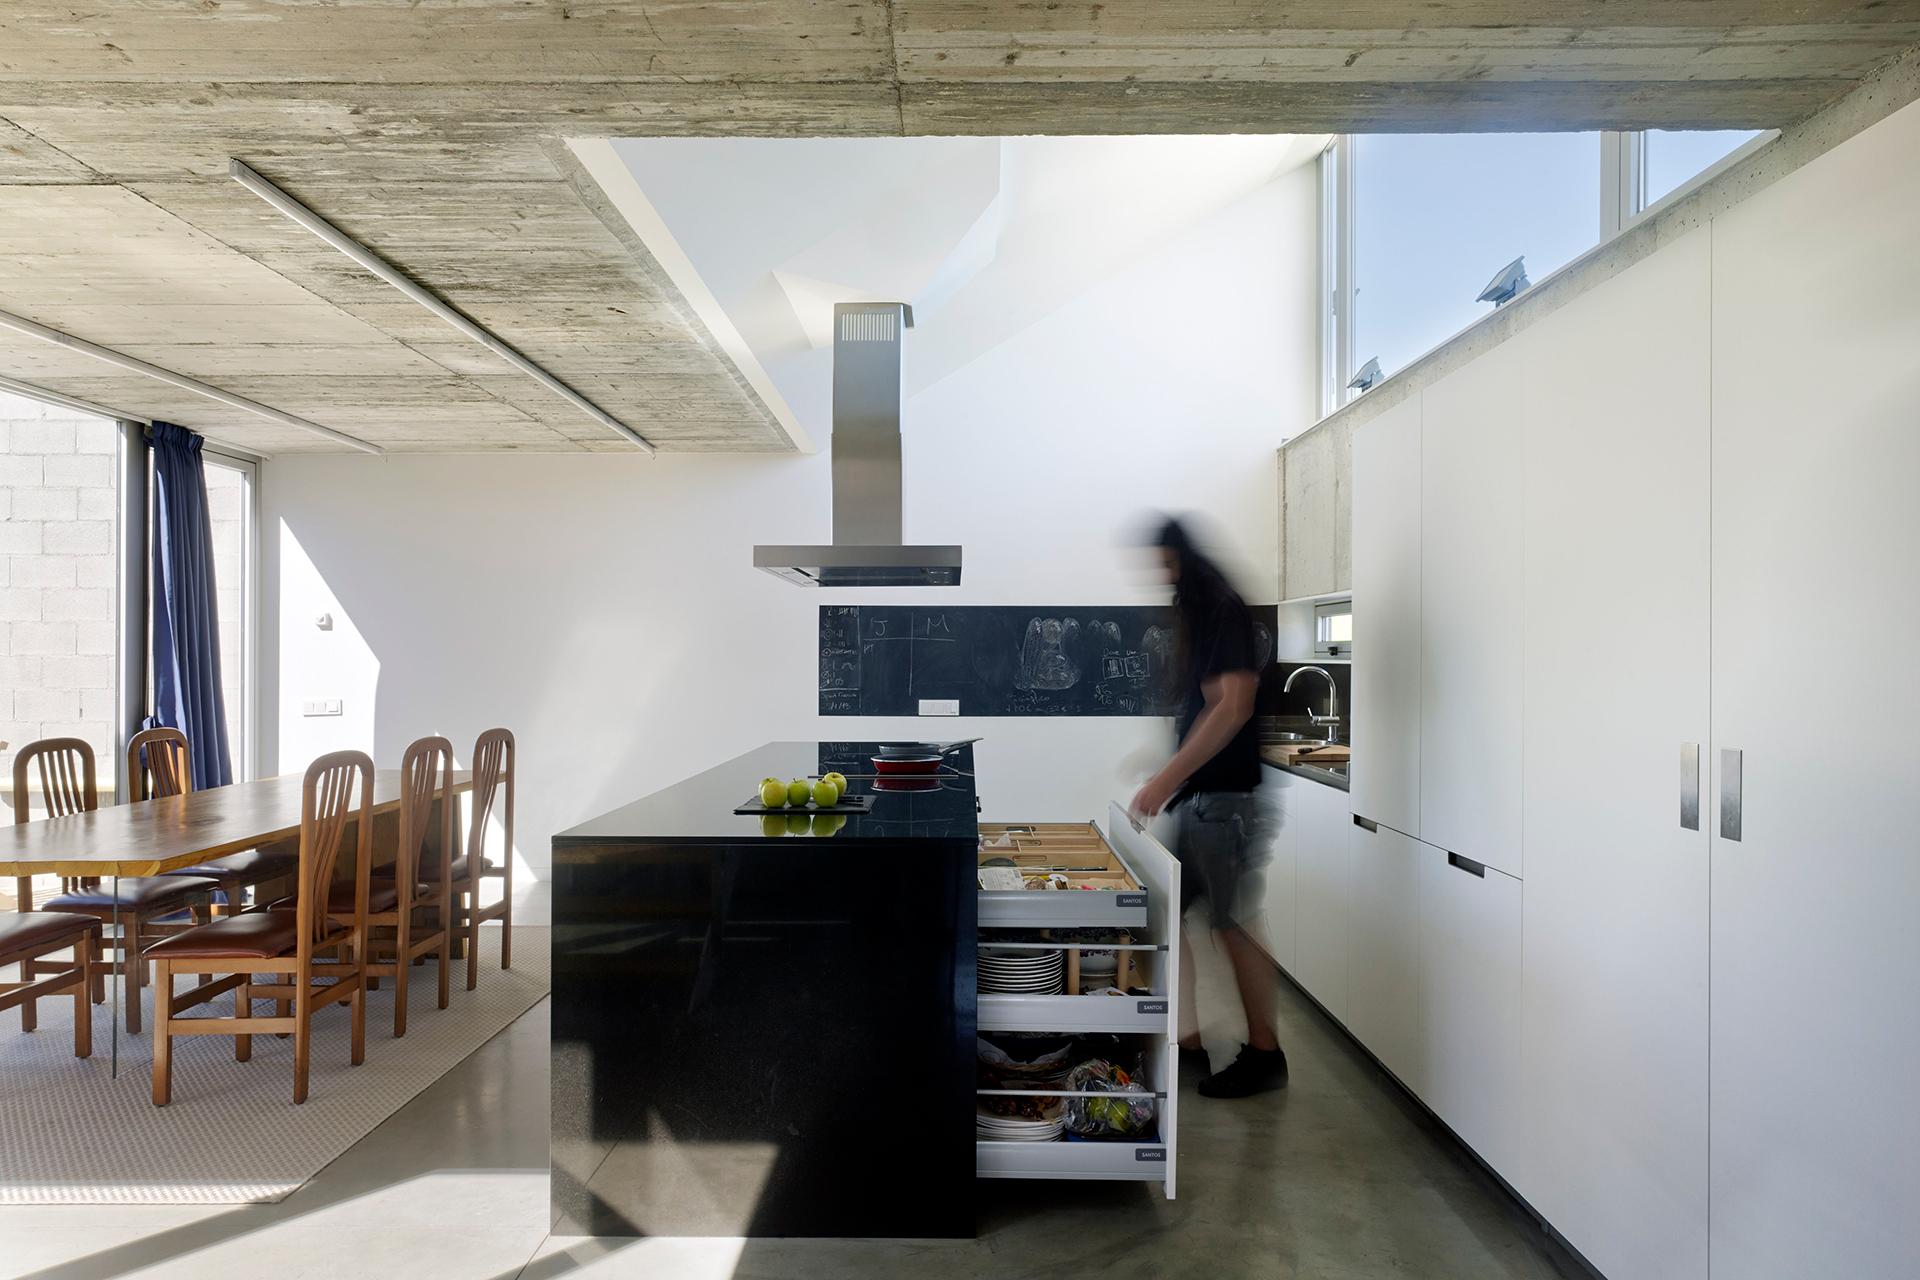 5 ideas para distribuir la cocina cocinas santos for La isla interior torrent